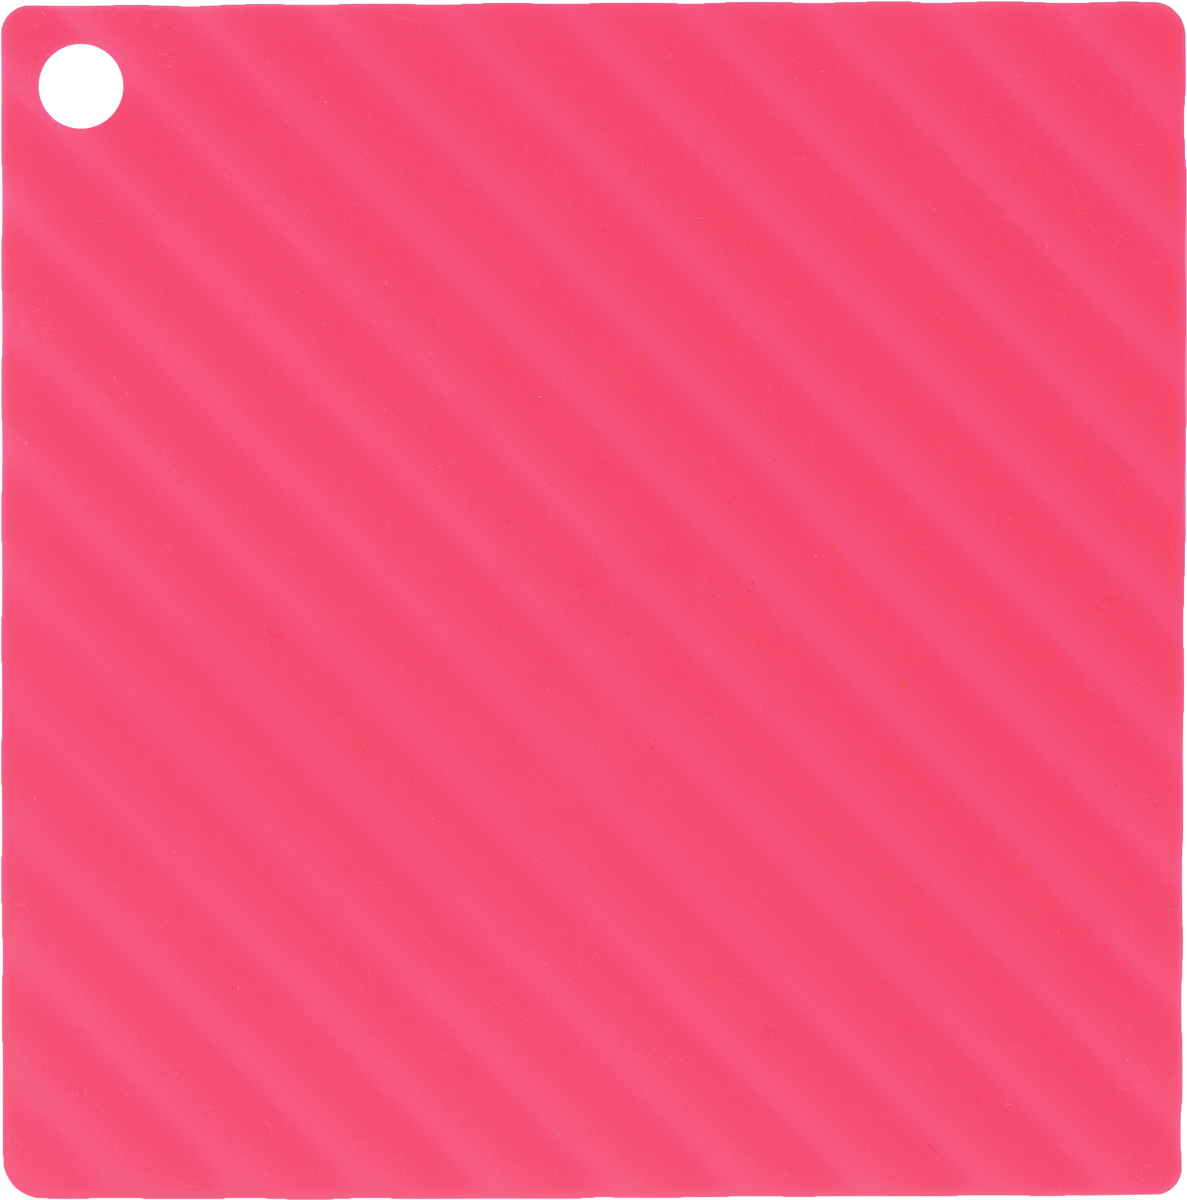 Подставка термостойкая Marminton, 14,5 х 14,5 см11055Подставка термостойкая Marminton защитит вашу скатерть и поверхность стола от царапин, жирных пятен и следов от горячей посуды.